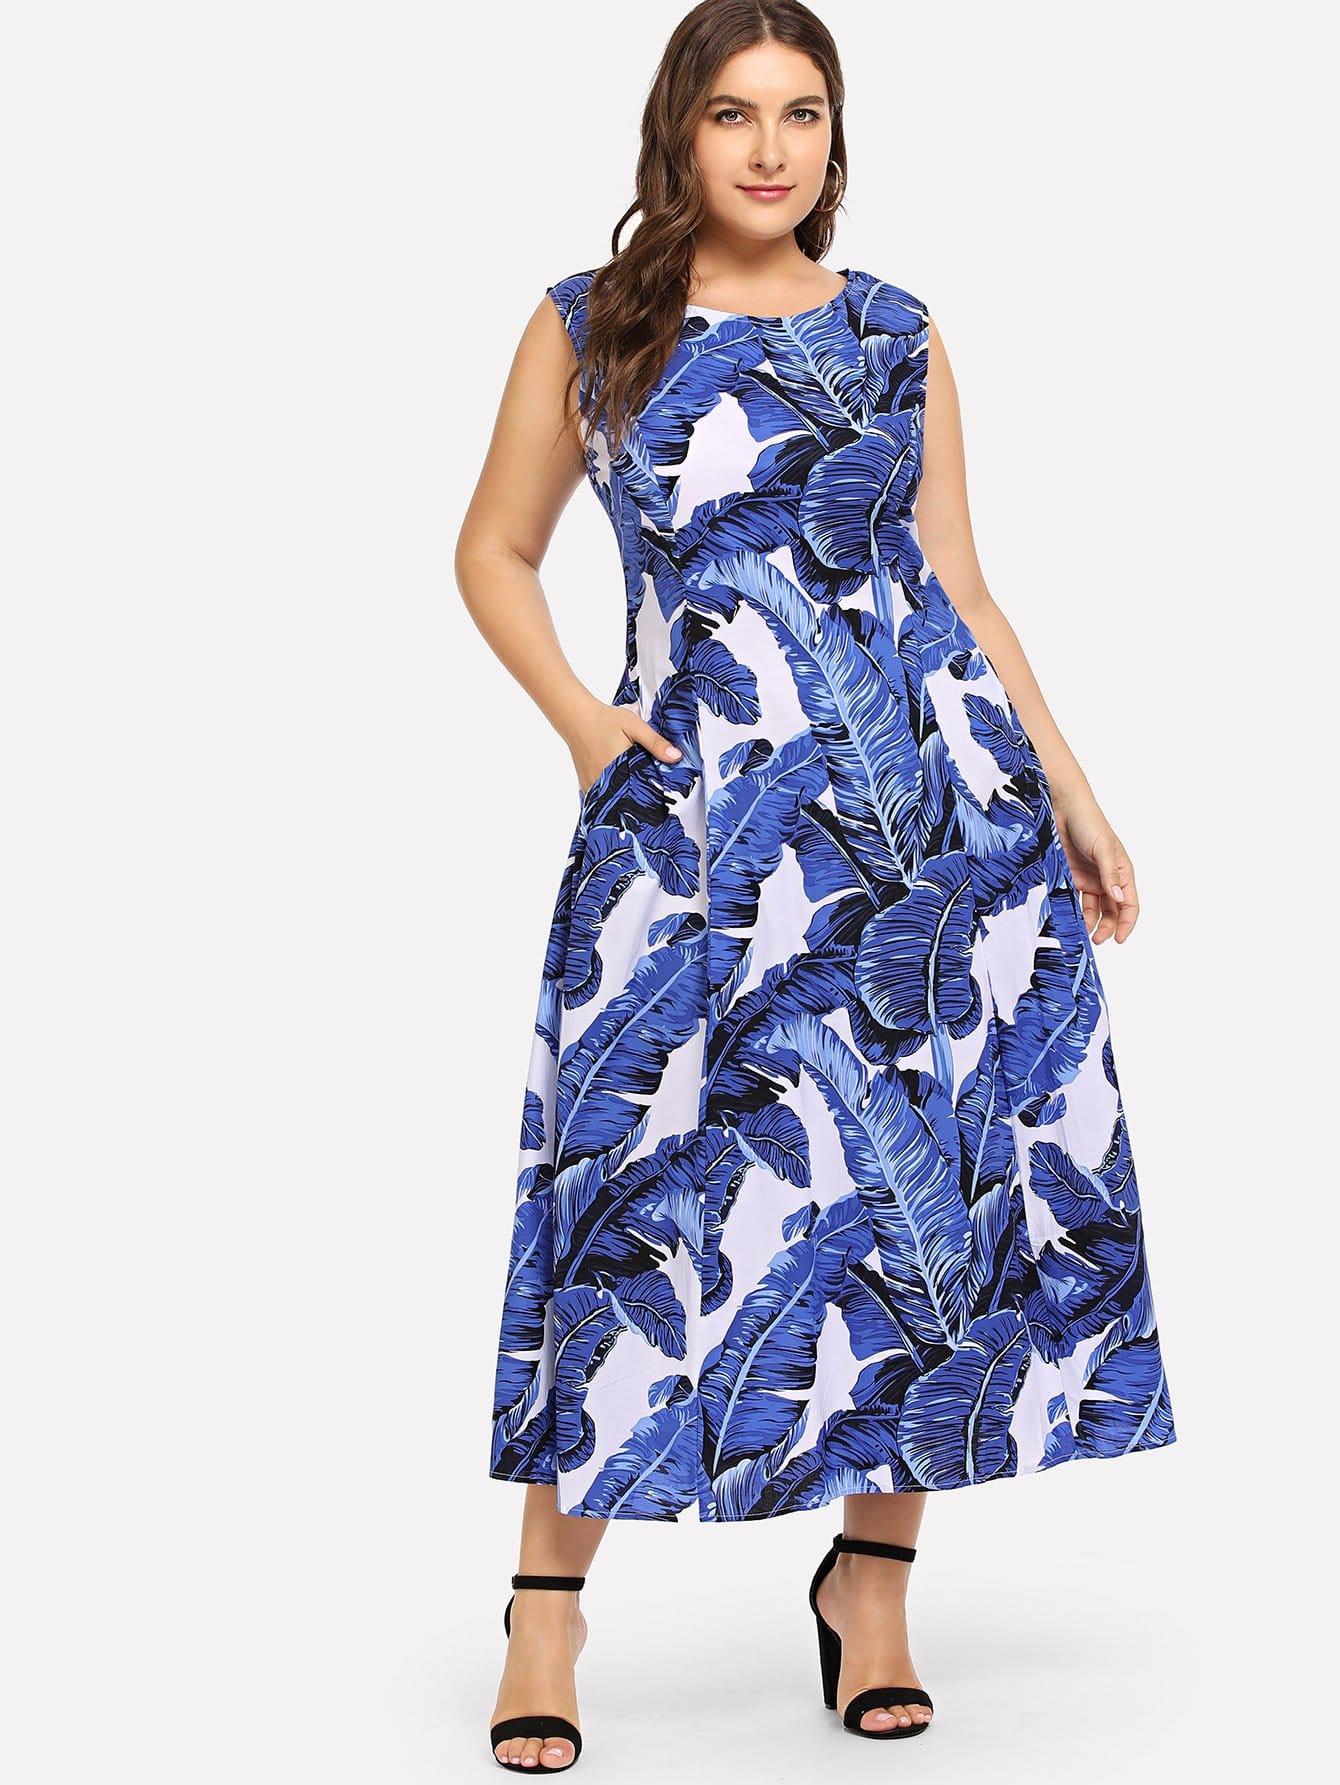 Купить Большое платье с рисунками пальм, Franziska, SheIn